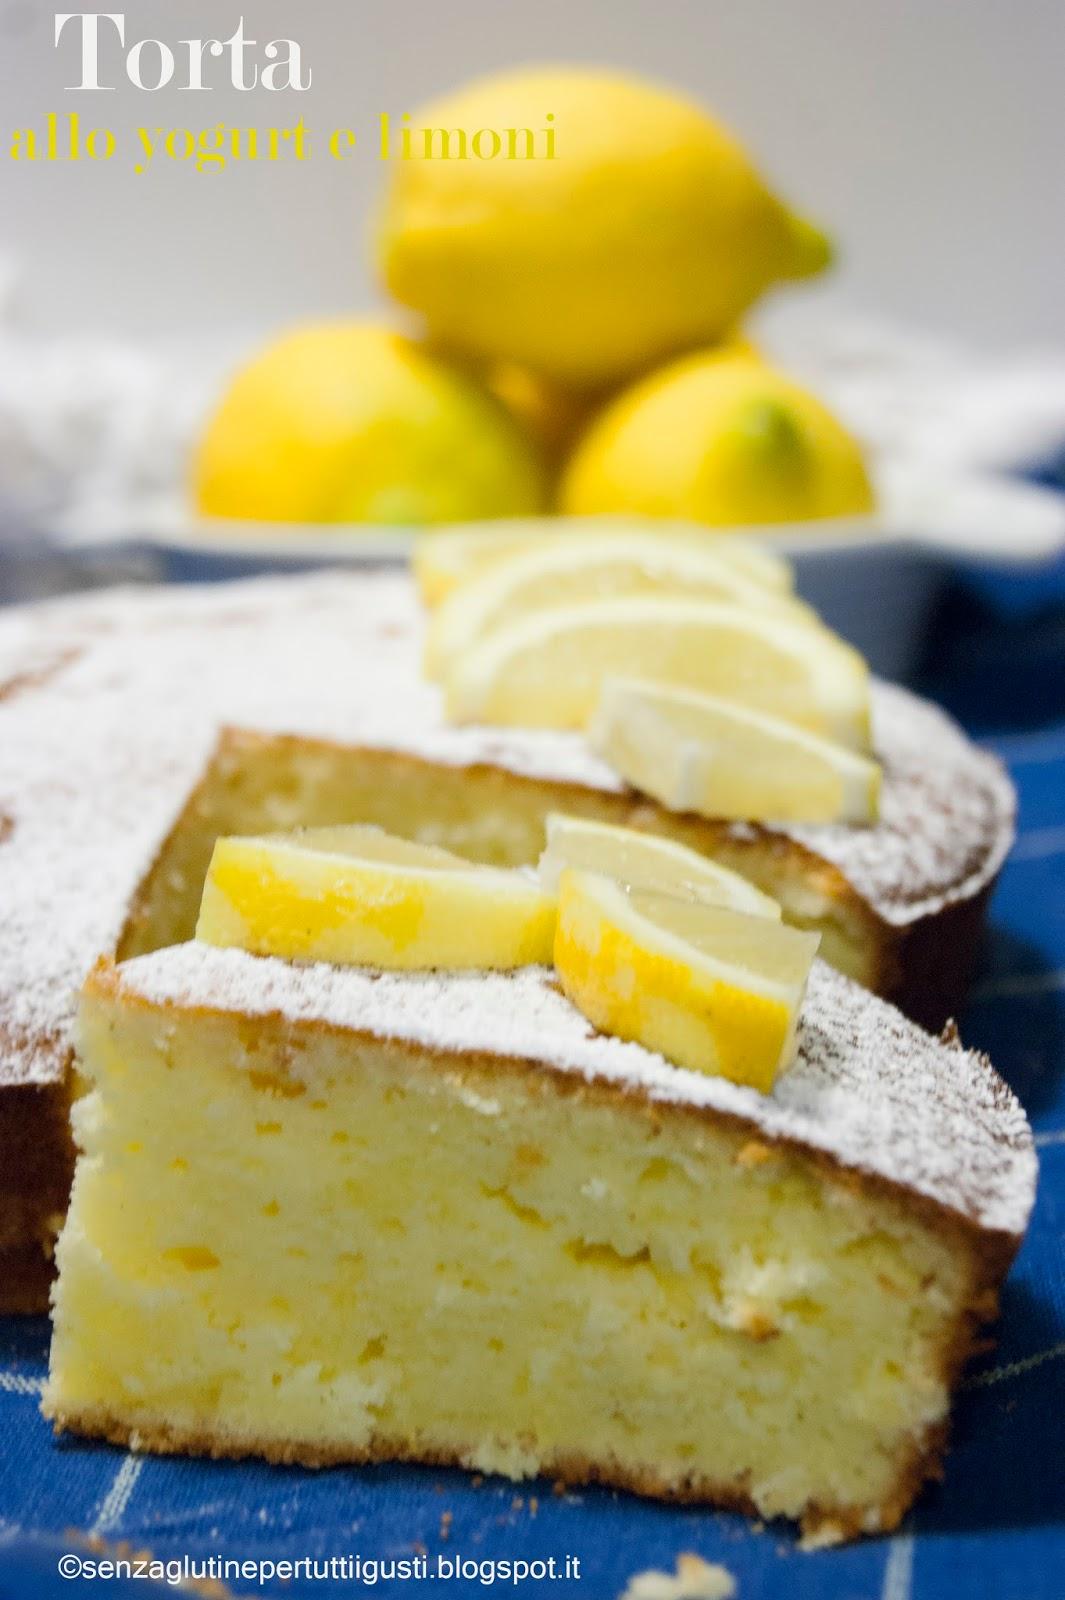 Conosciuto Senza glutineper tutti i gusti!: Torta allo yogurt e limoni  CP31